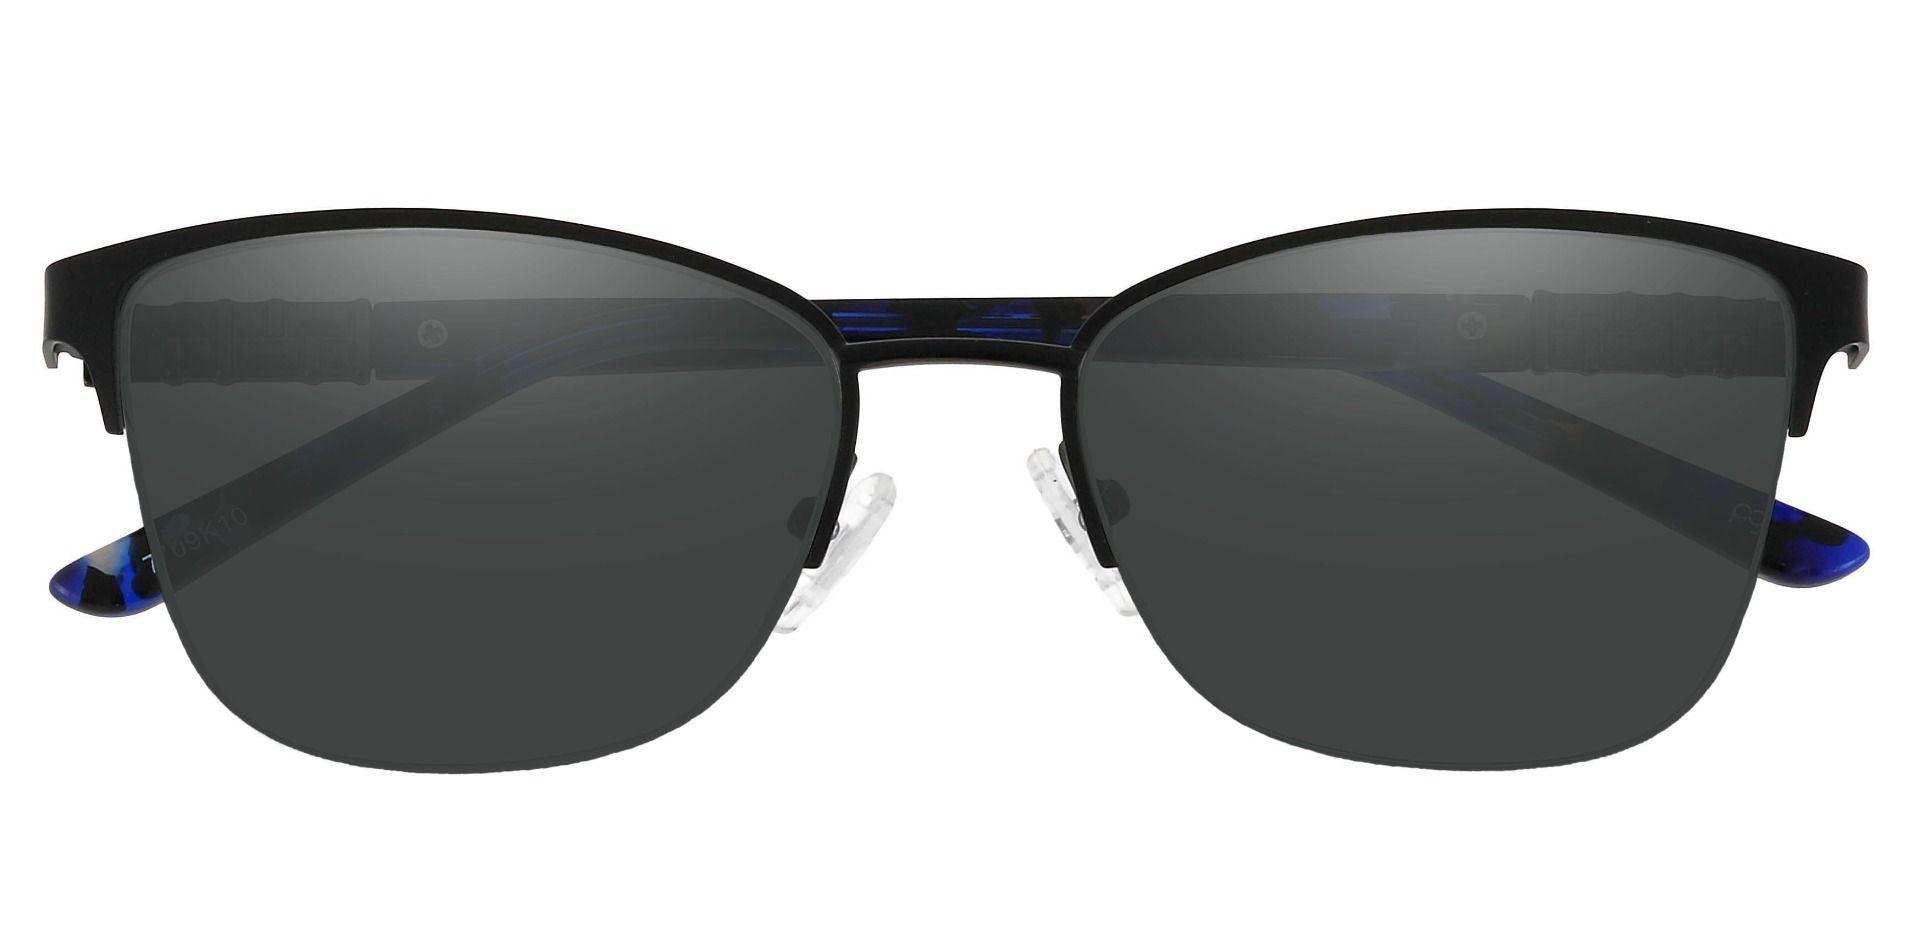 Ballad Cat Eye Progressive Sunglasses - Black Frame With Gray Lenses